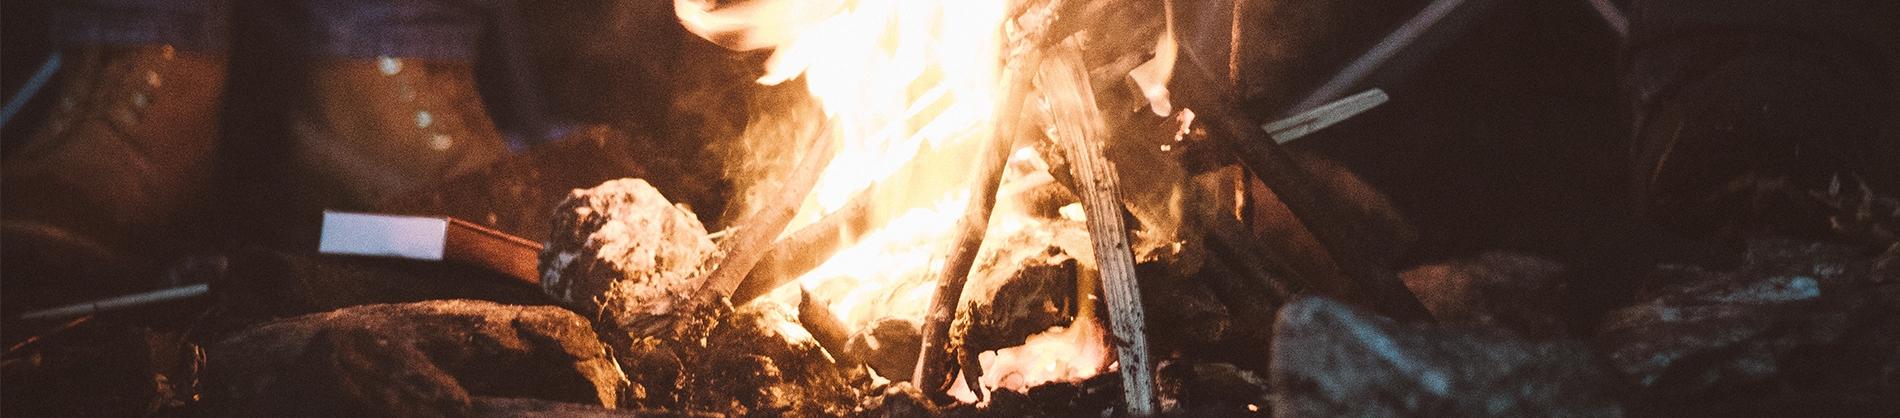 A small campfire